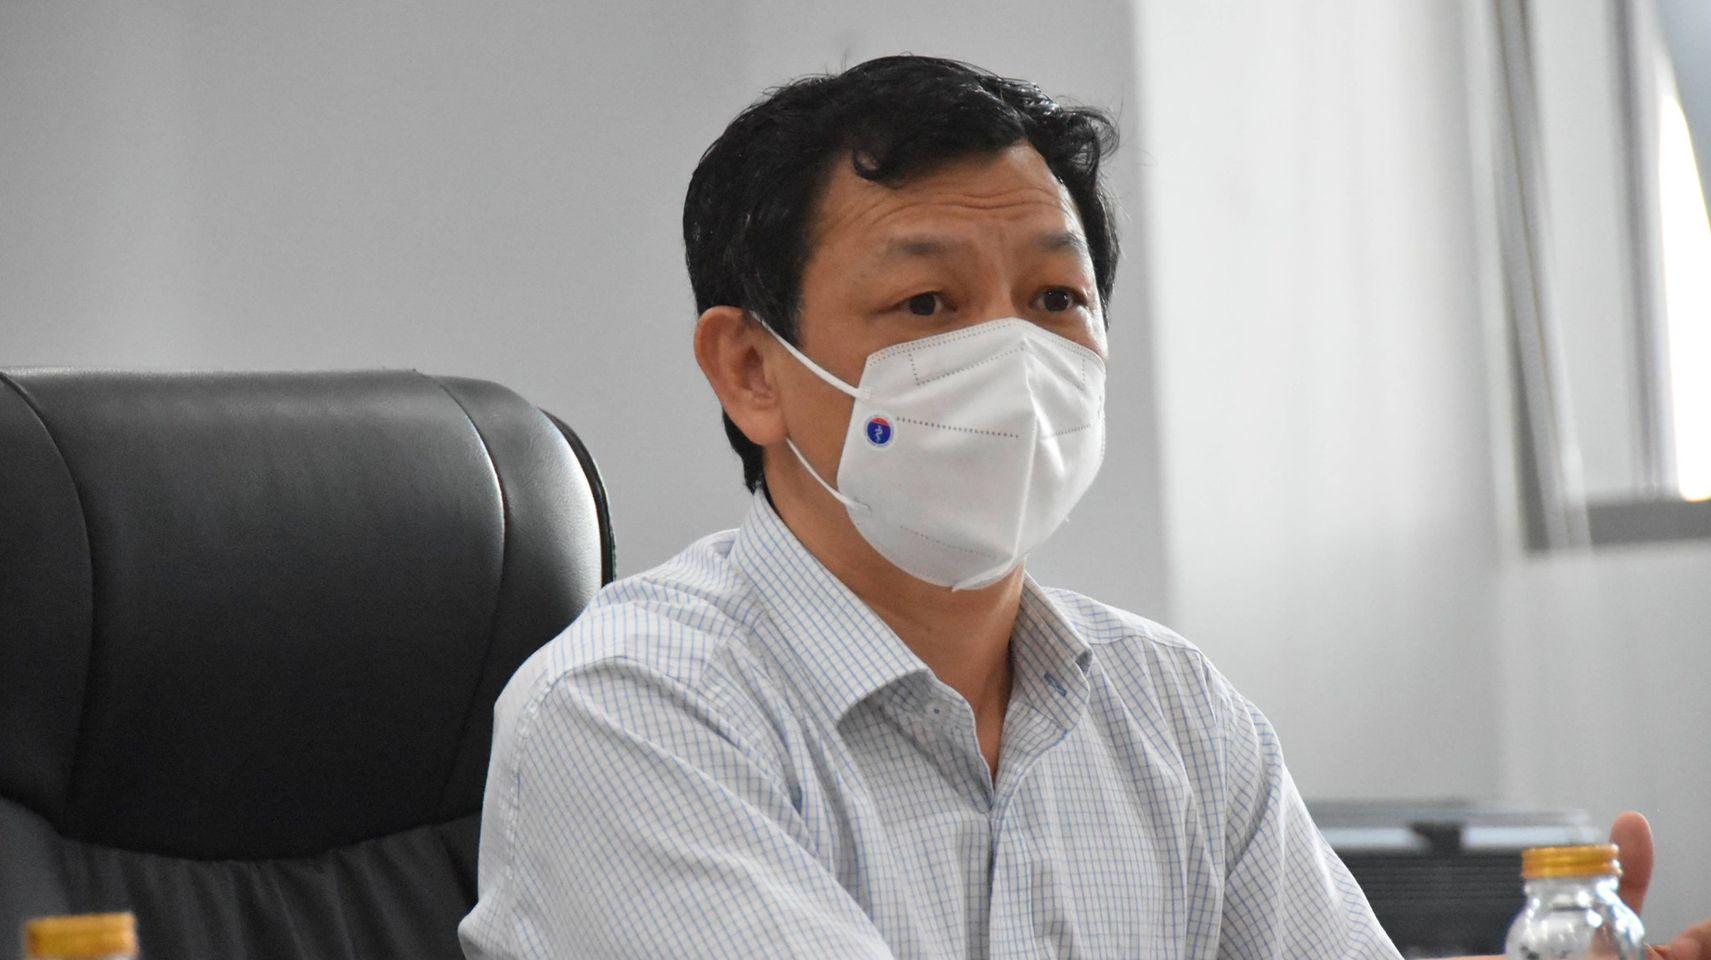 TS Nguyễn Tri Thức cho biết, Bệnh viện Hồi sức COVID-19 TPHCM đang cố gắng để nâng số giường điều trị lên con số 1.000